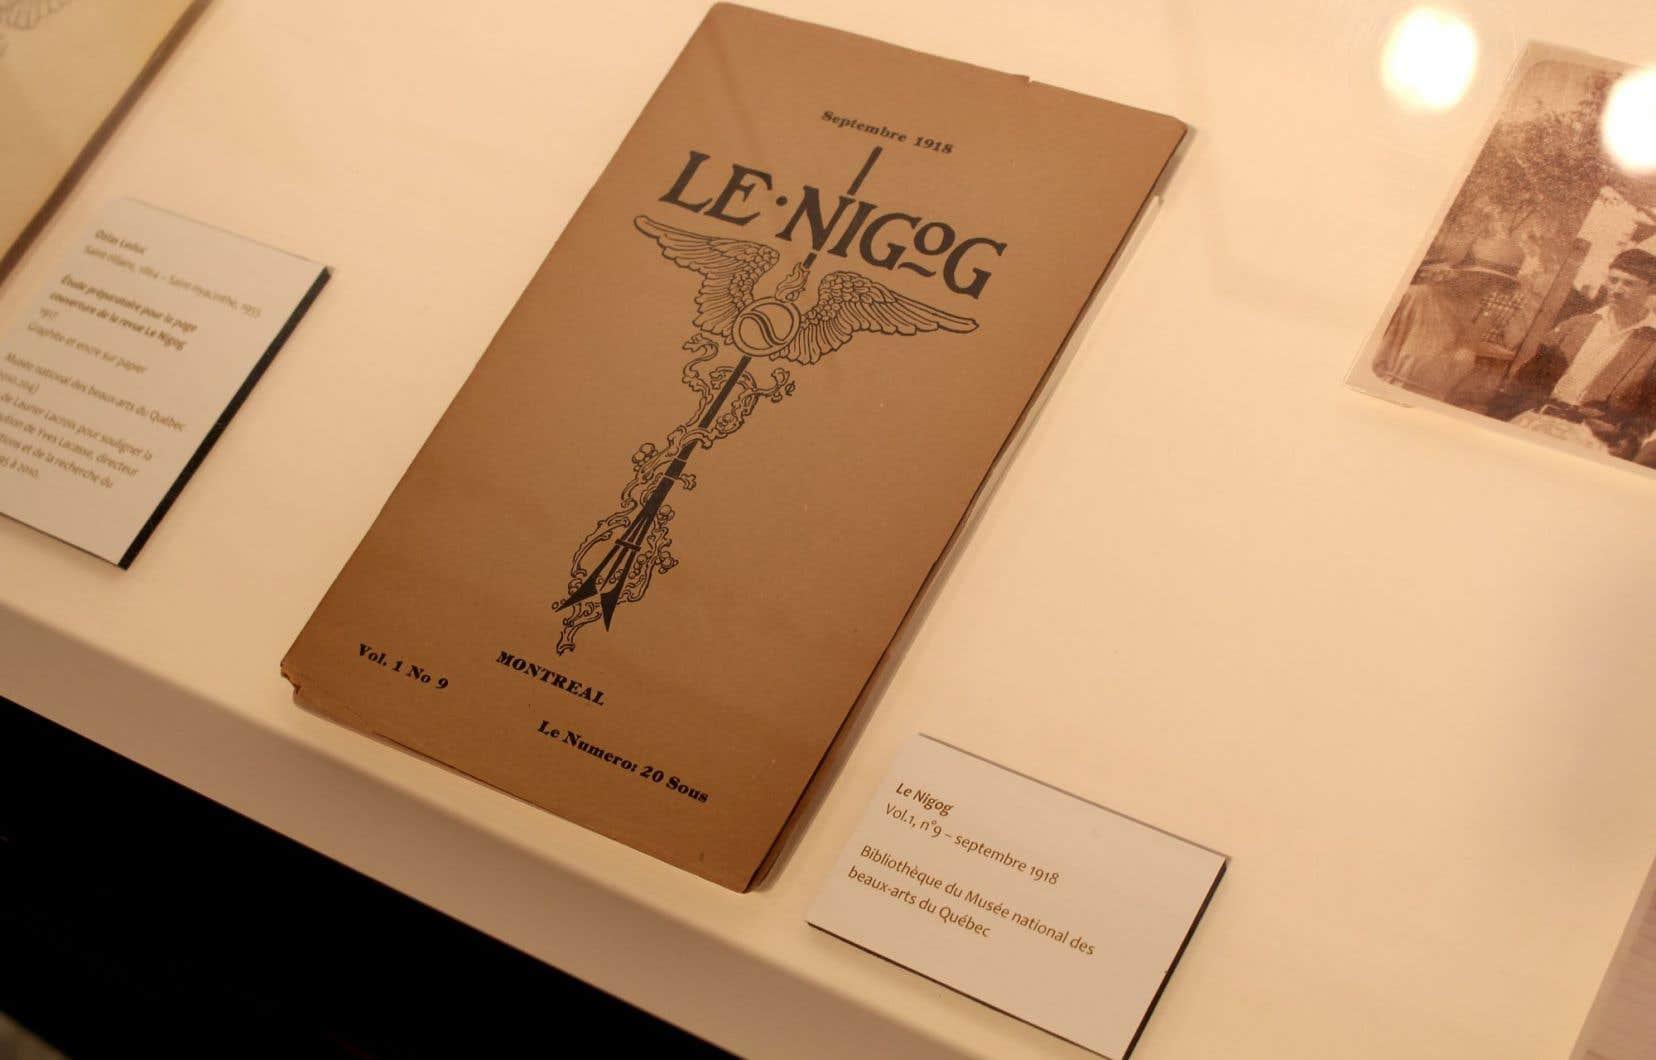 Couverture de la revue «Le Nigog» conçue par Ozias Leduc